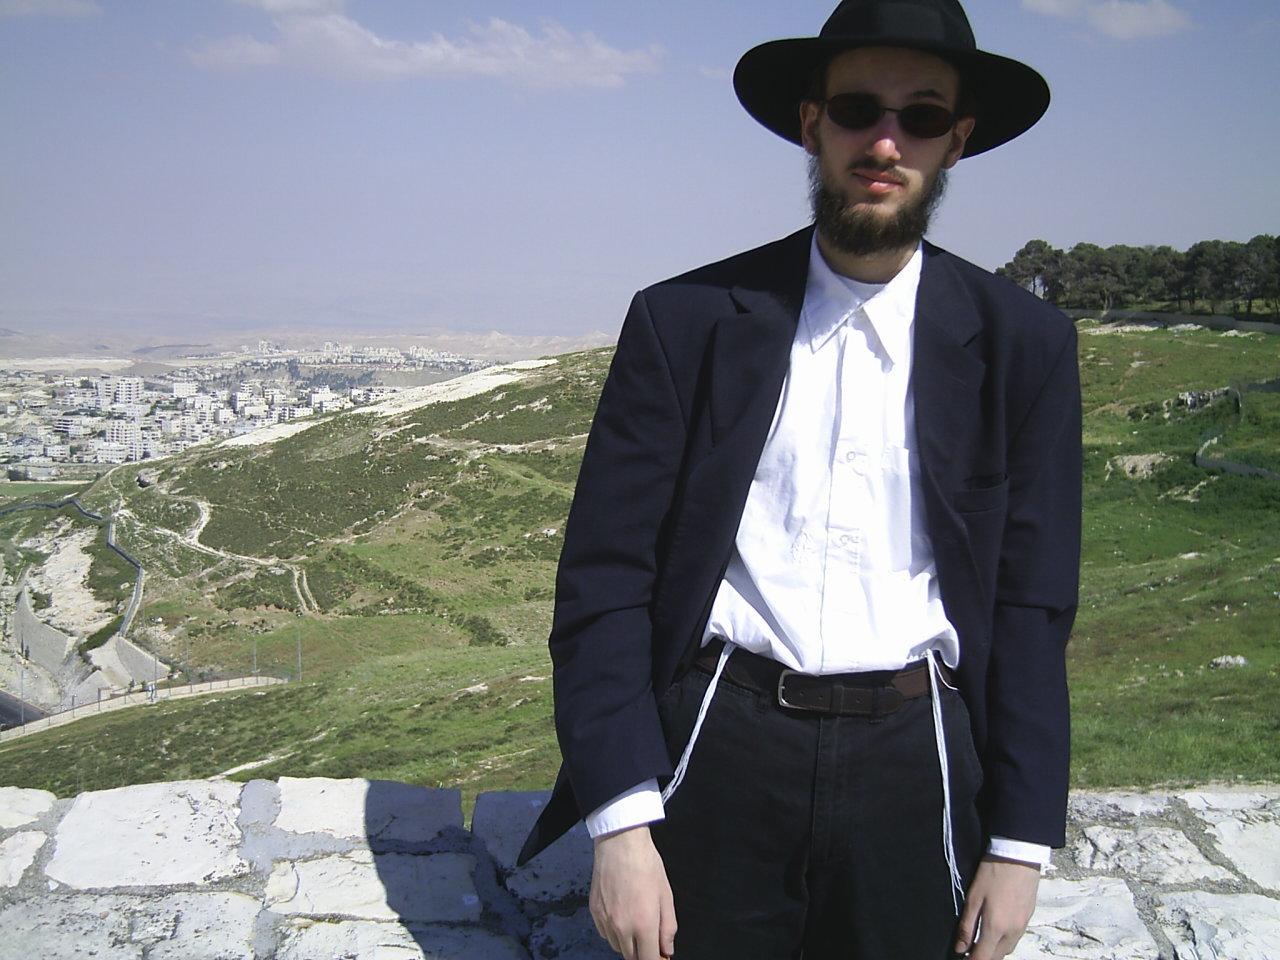 超正統派の信者(黒い帽子に黒いスーツ・長い髭を伸ばすのは超正統派の特徴でもある)